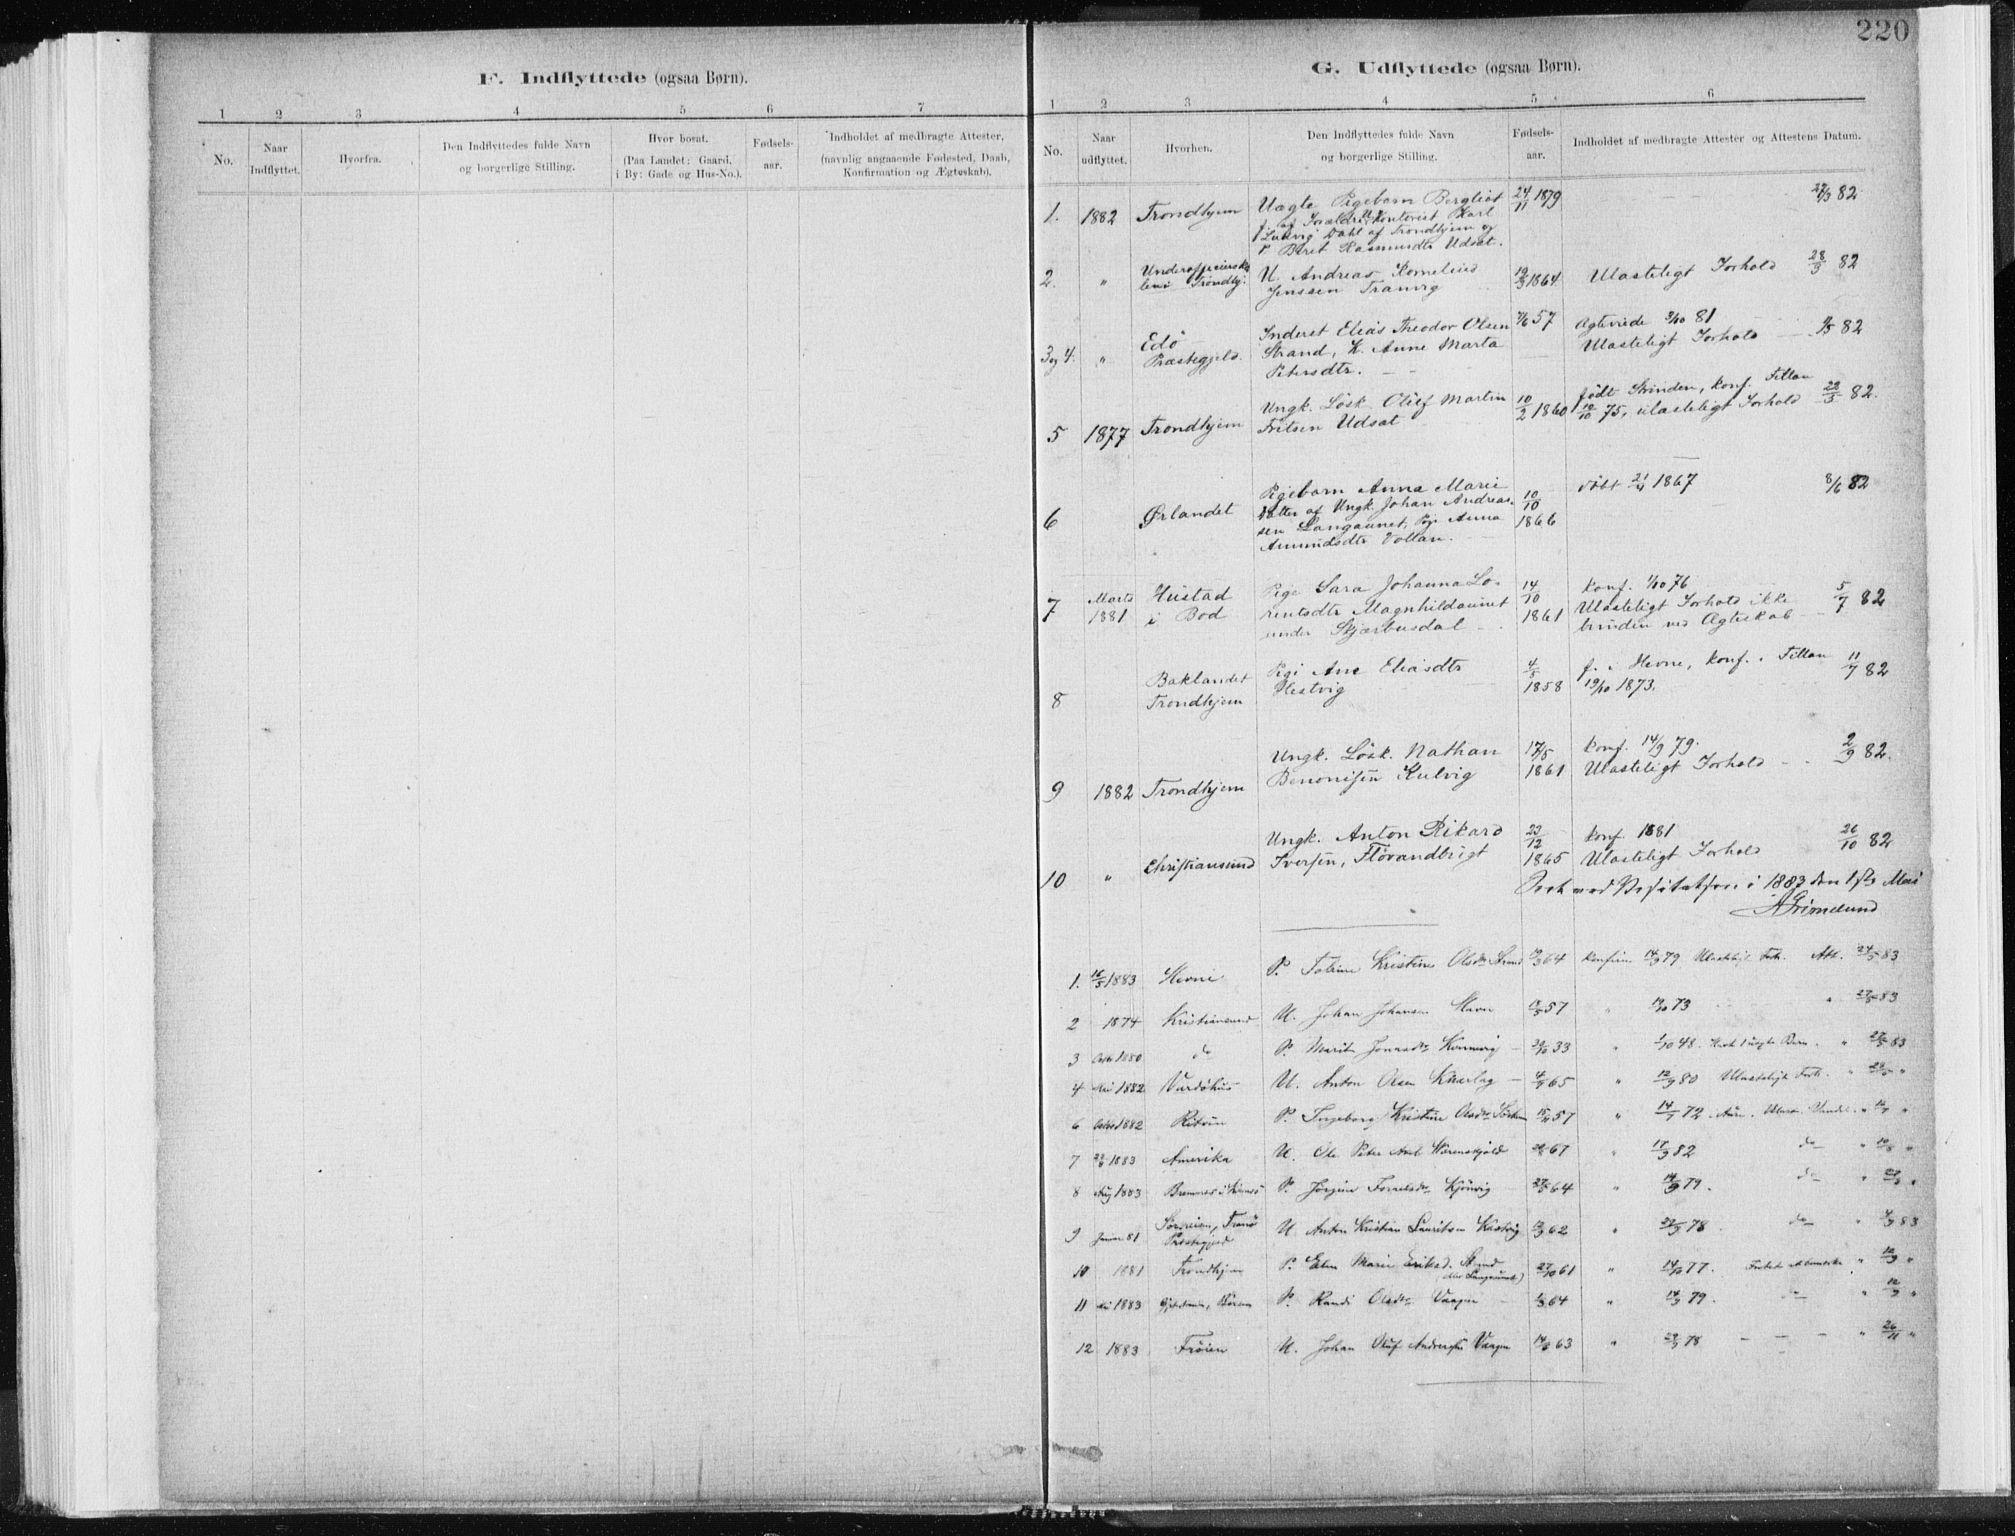 SAT, Ministerialprotokoller, klokkerbøker og fødselsregistre - Sør-Trøndelag, 637/L0558: Ministerialbok nr. 637A01, 1882-1899, s. 220